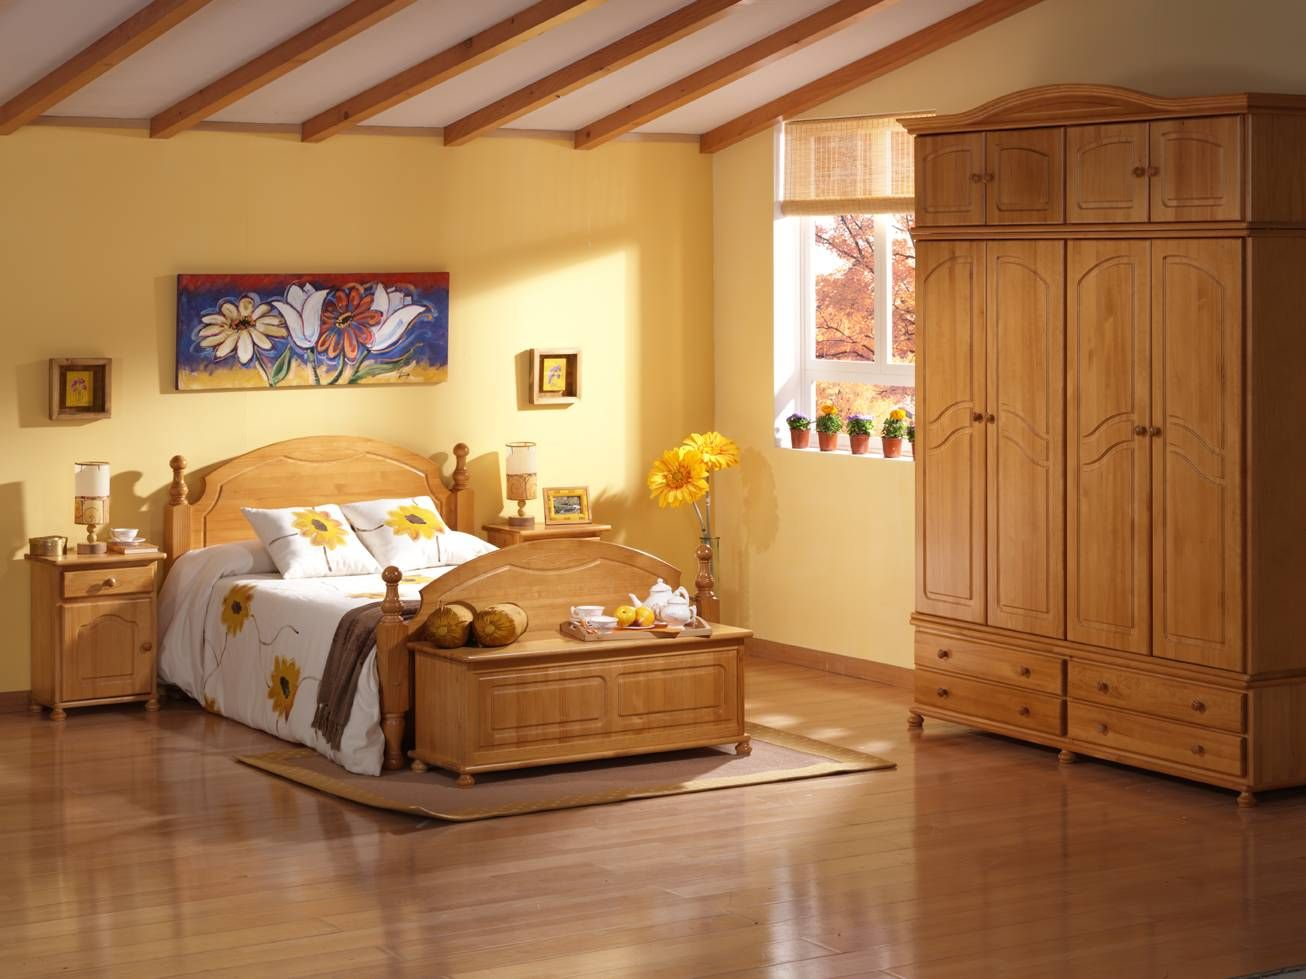 Armario 4 puertas provenzal dormitorios provenzal pino for Puertas de madera para dormitorios